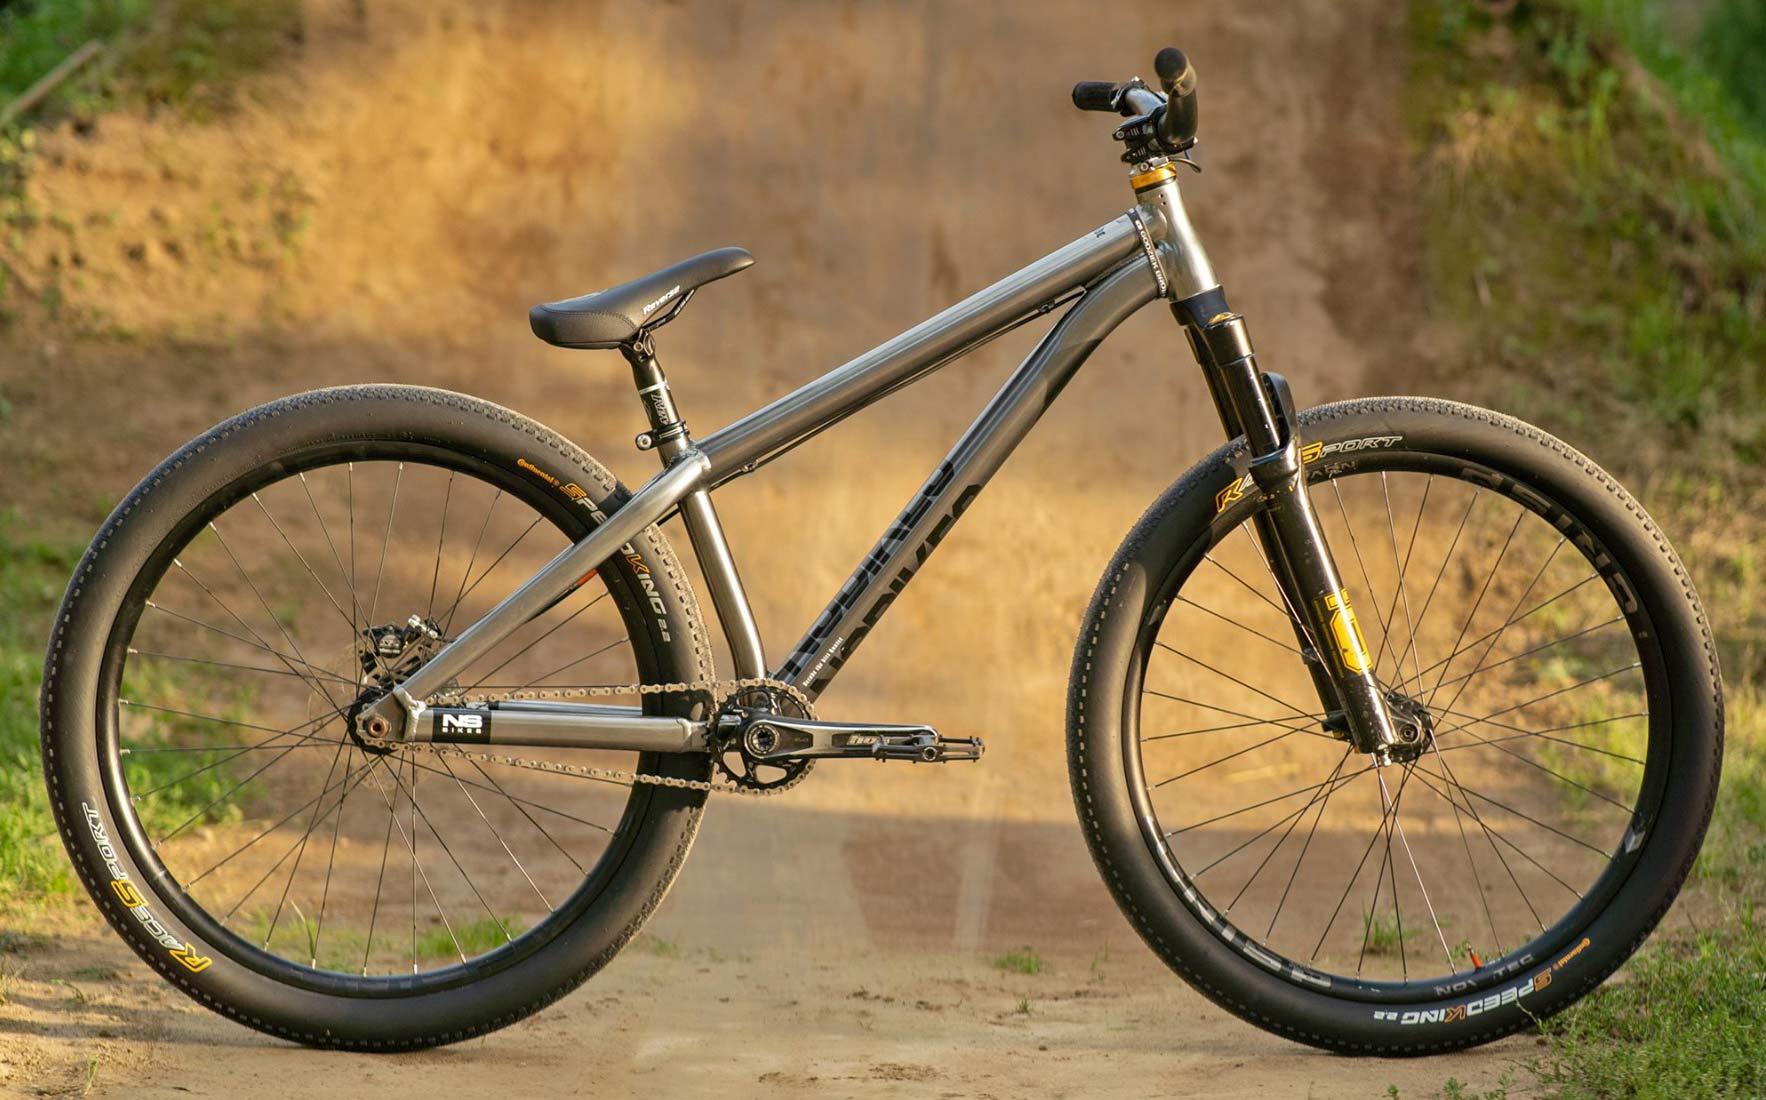 Szymon Godziek NS Bikes Decade chrome complete